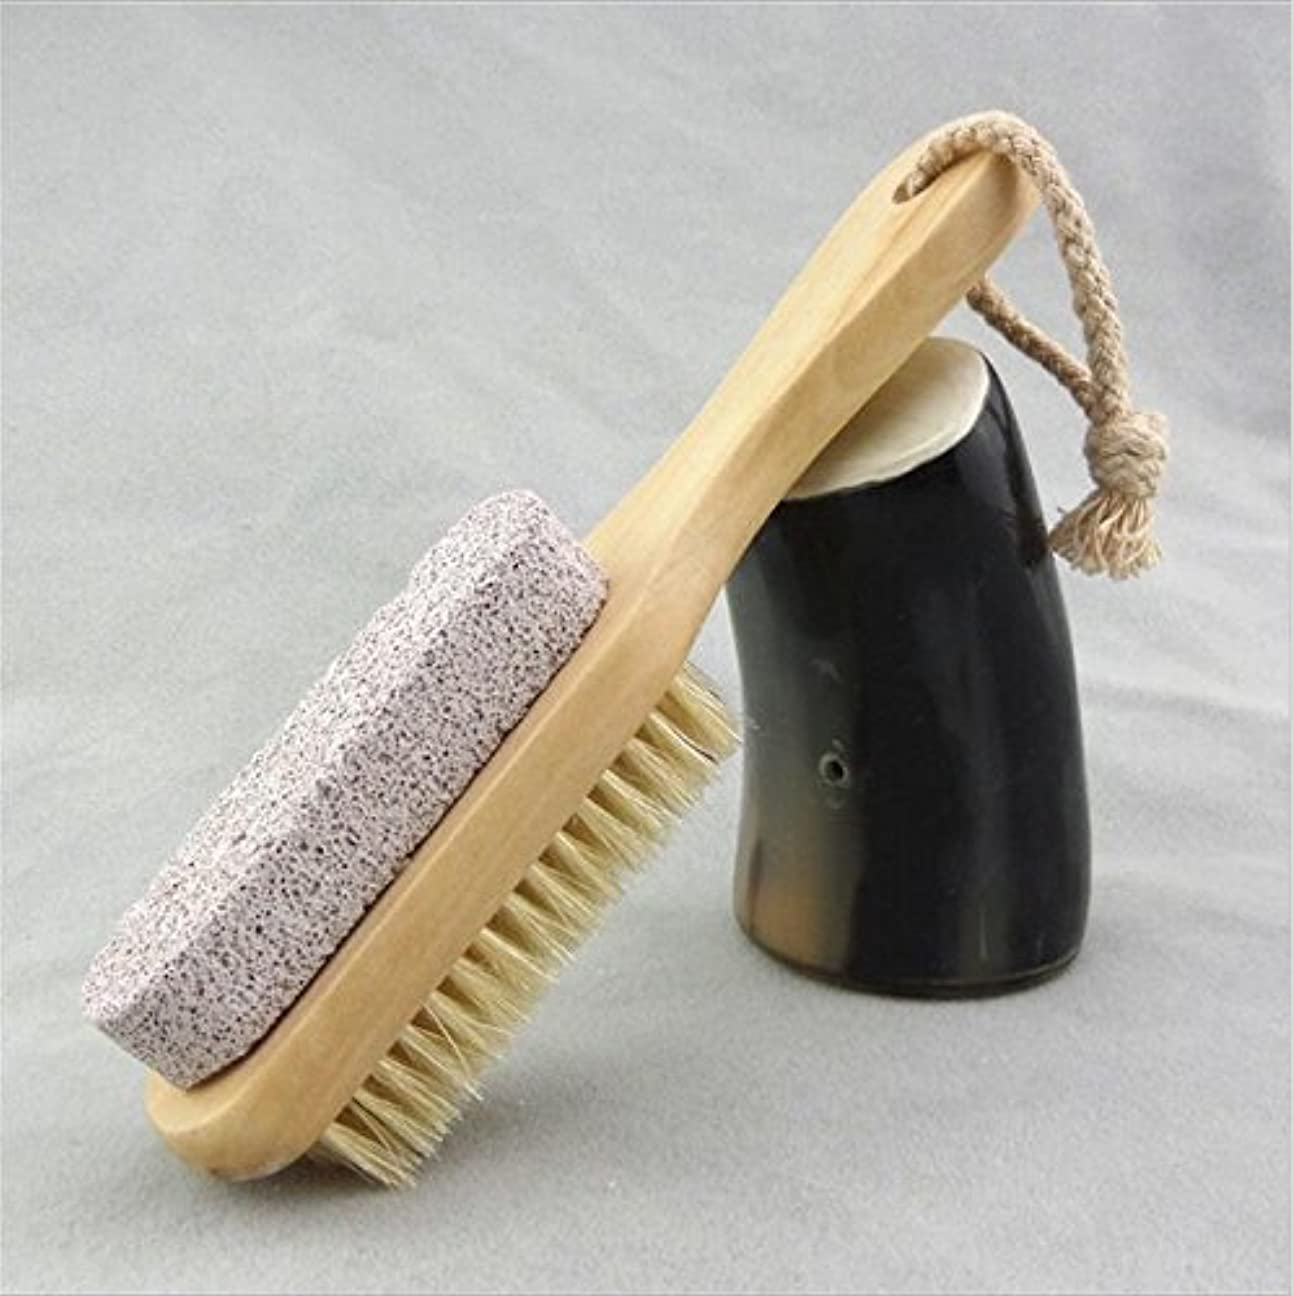 Bigmind 足軽石の足爪ブラシ 角質除去 天然毛 足爪 かかと削り フット用品 ブラシフットケア かかとキレイフットブラシ